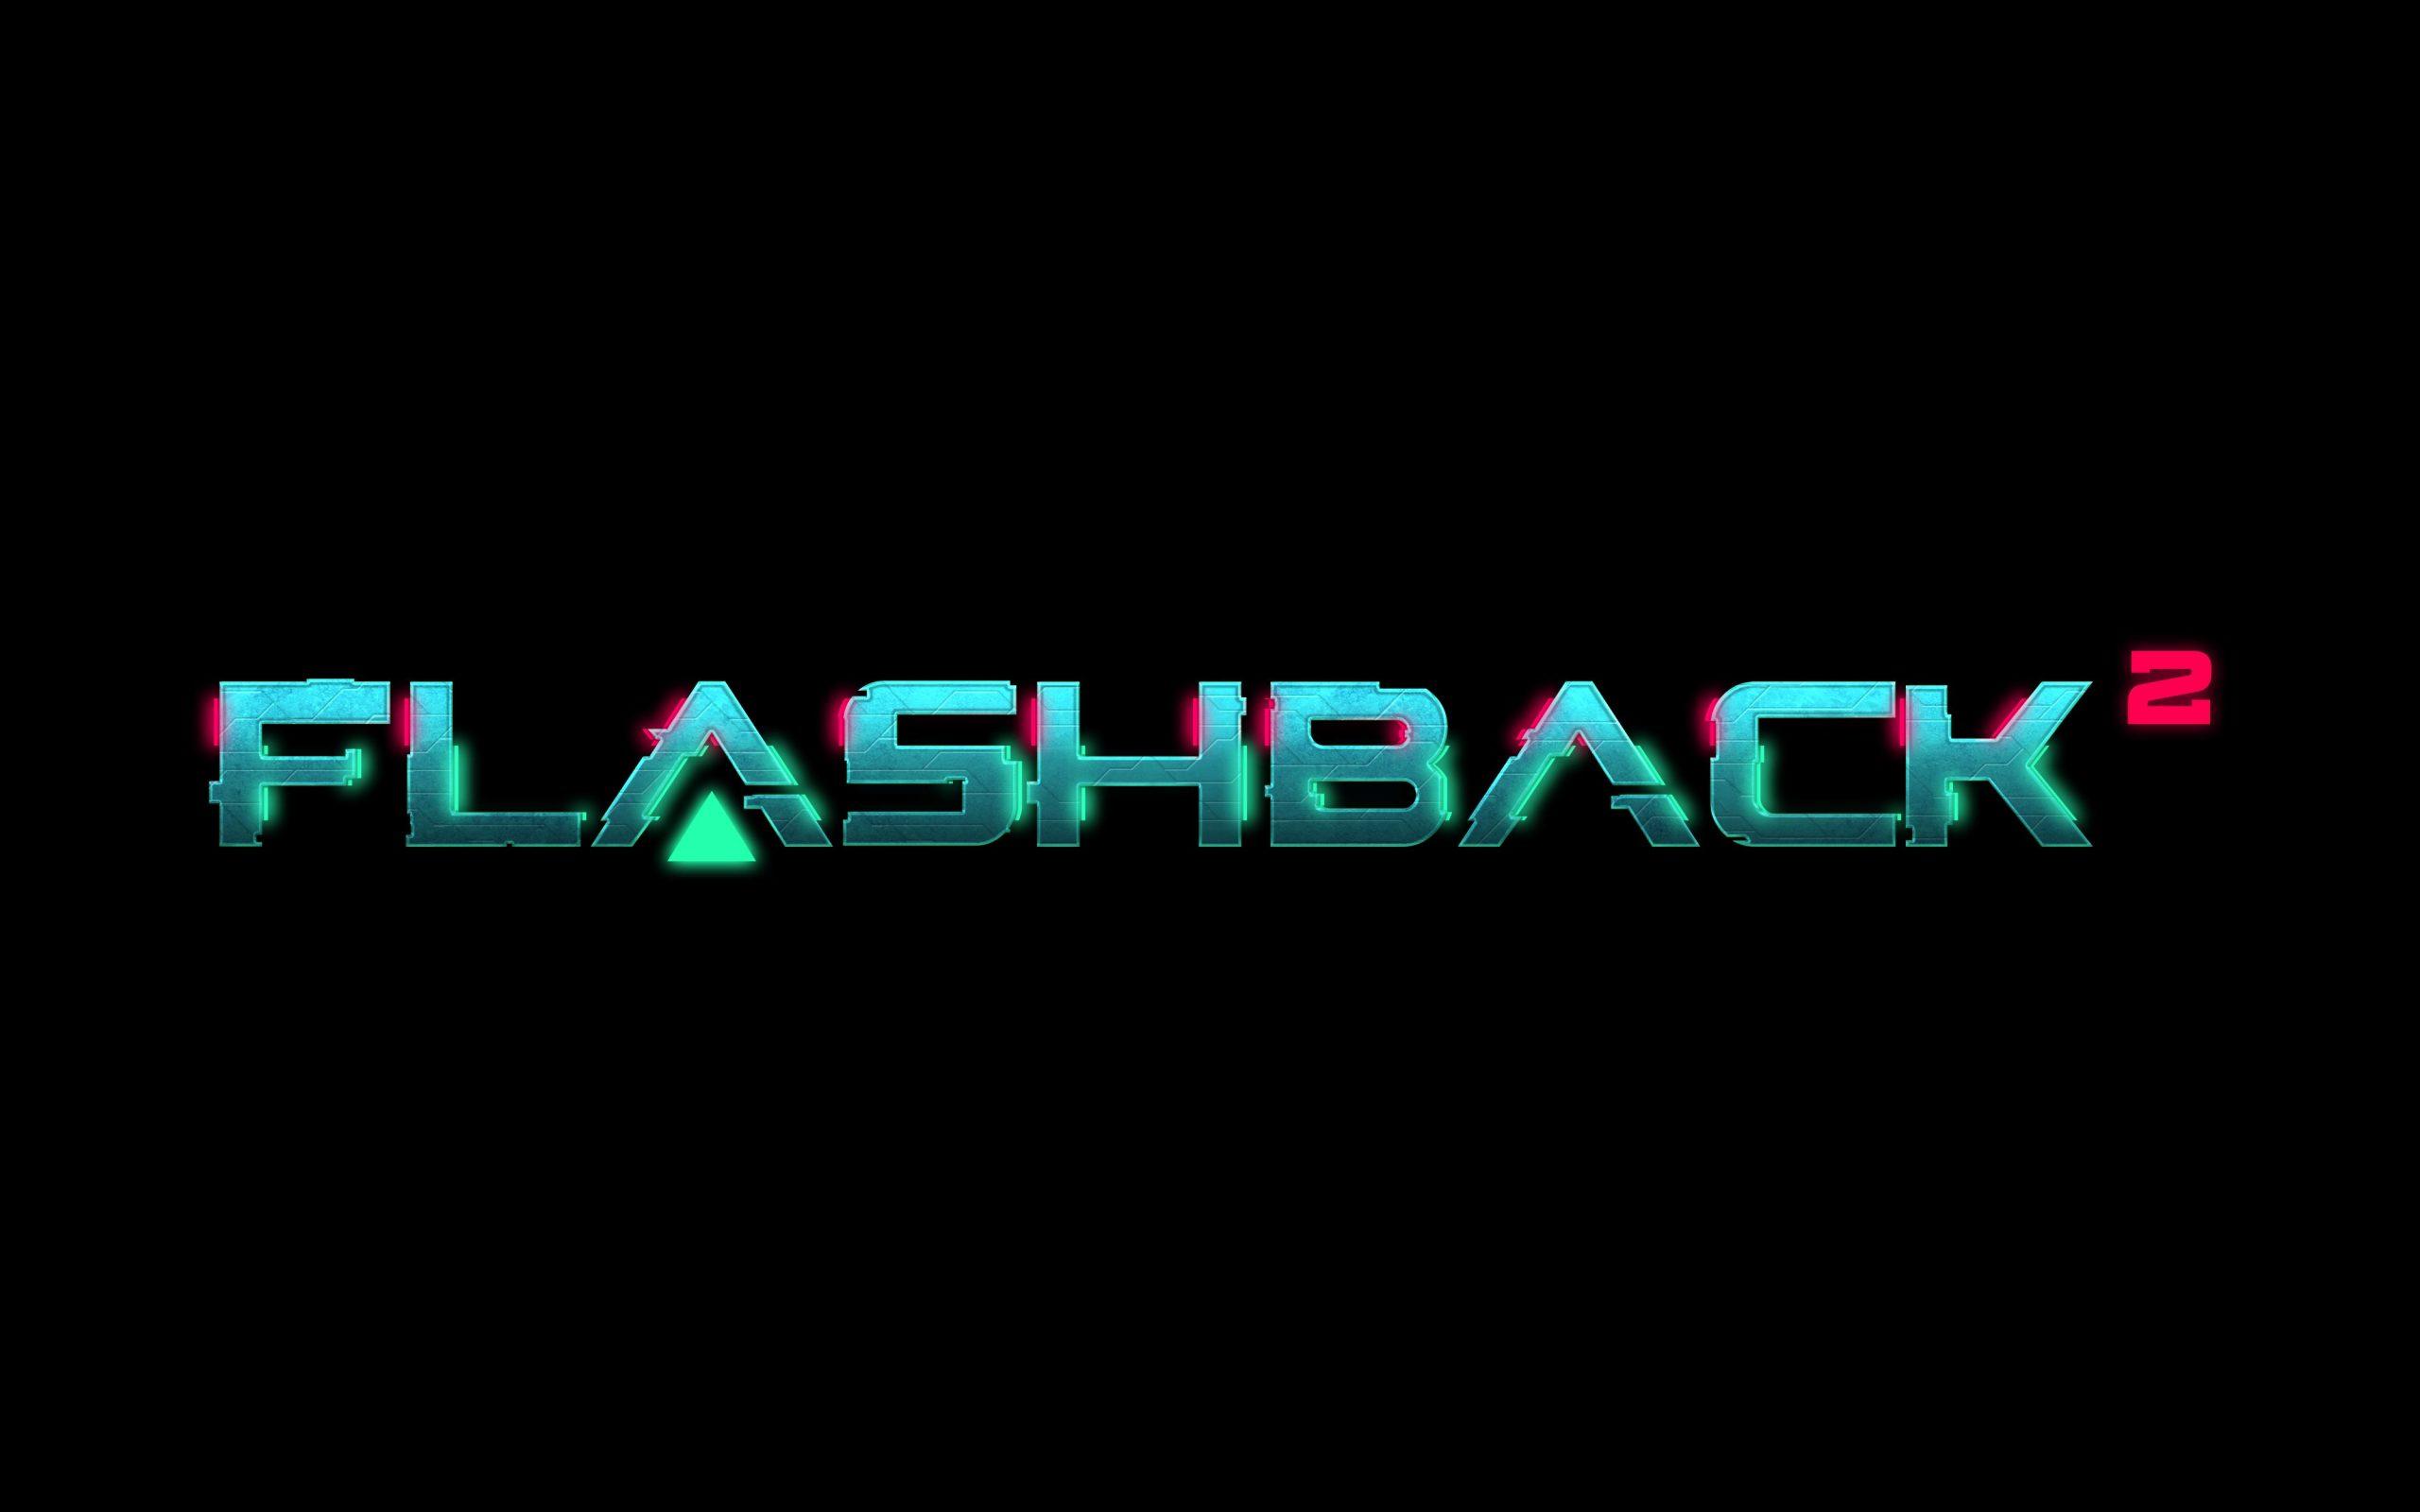 經典回歸!橫版動作冒險遊戲《Flashback 2》將於2022年發售登上PC和主機平台